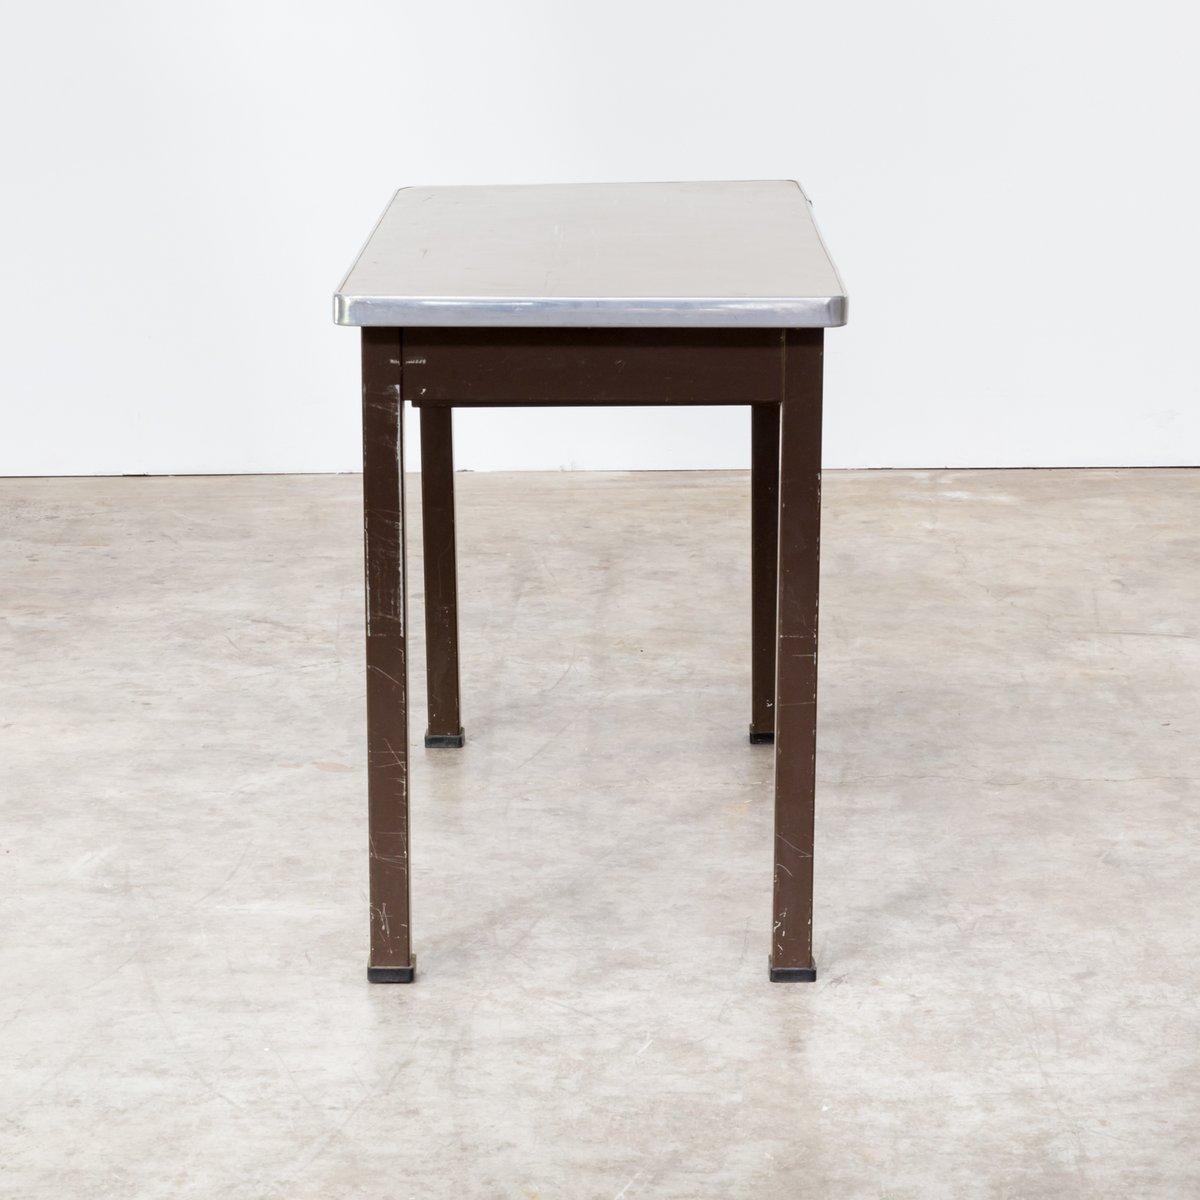 Schreibtisch aus festem metall von strong steel 1970er for Schreibtisch 2 meter lang